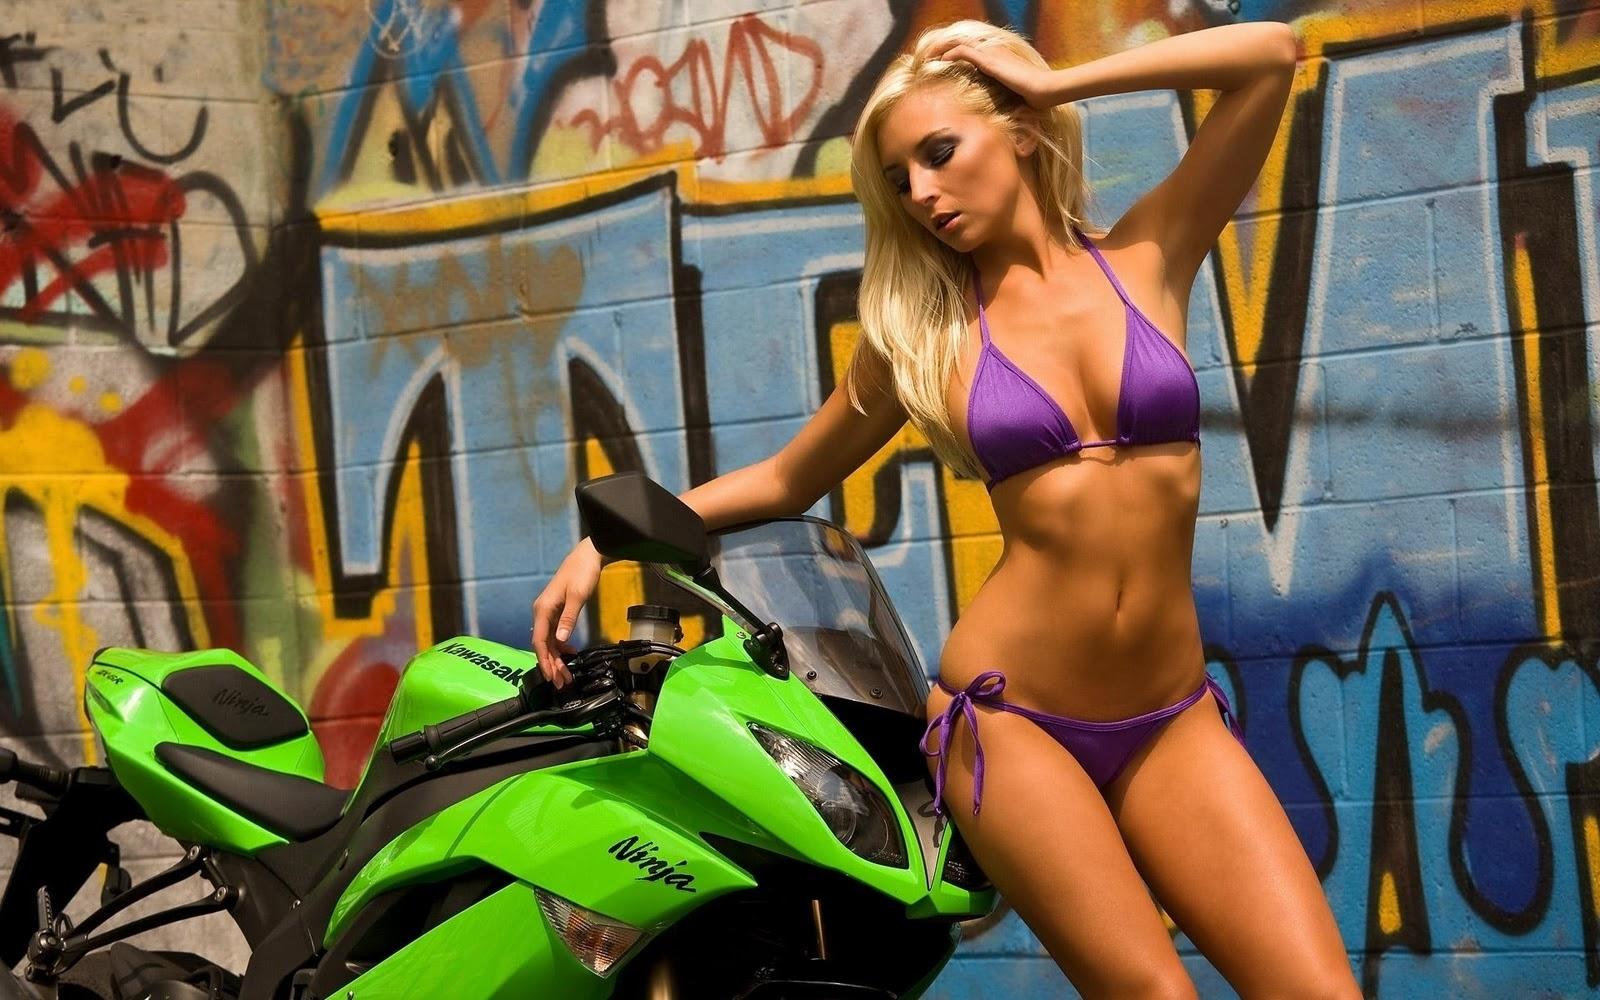 Девушка в купальнике на мотоцикле, байк